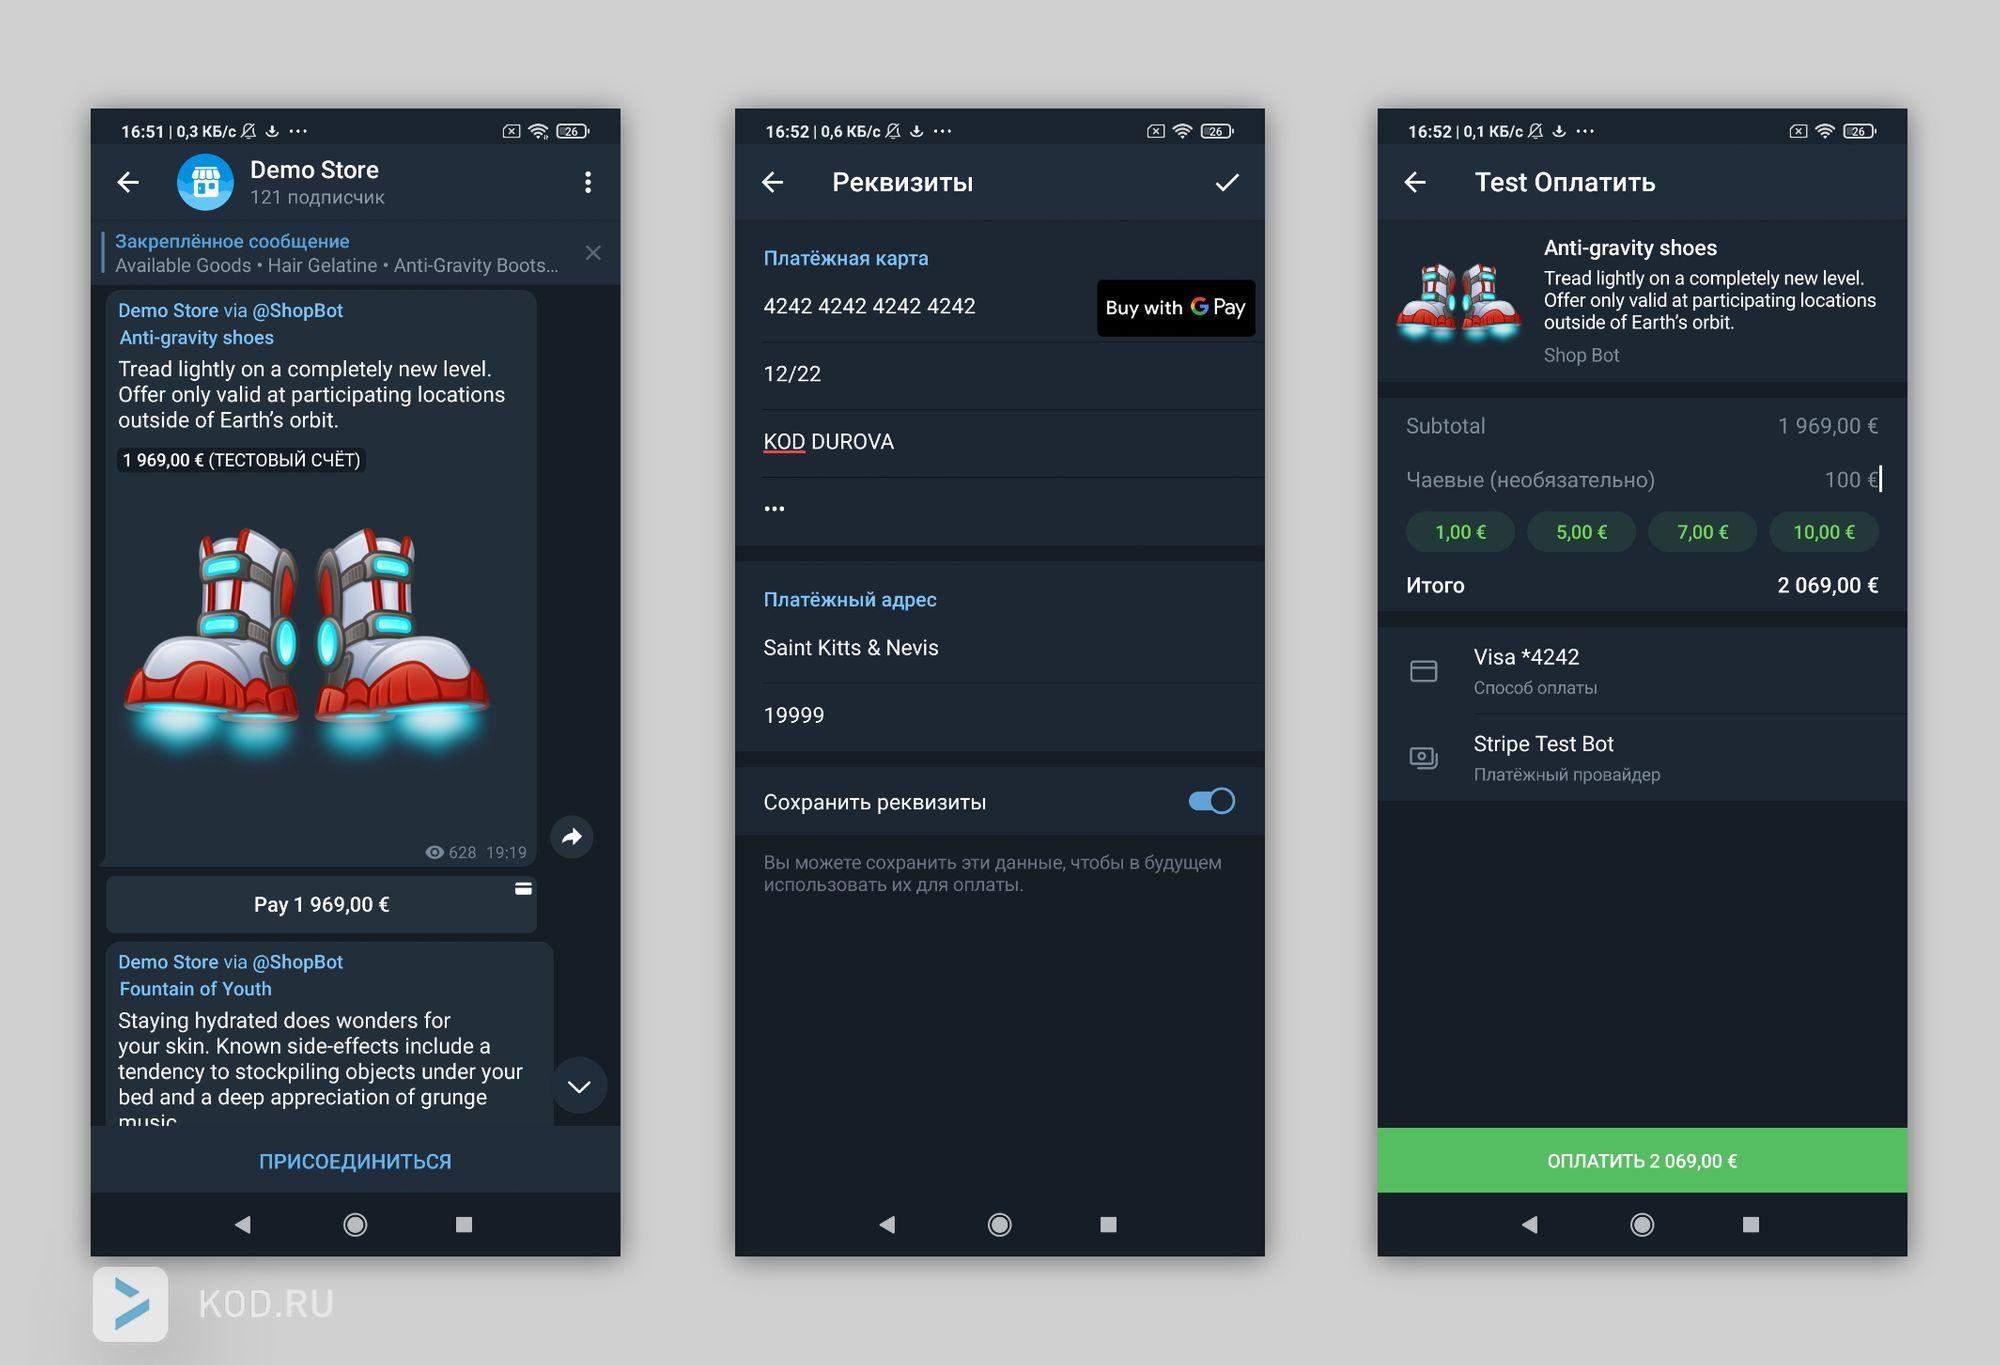 У Telegram скоро з'являться магазини з продажем товарів в каналах і чатах